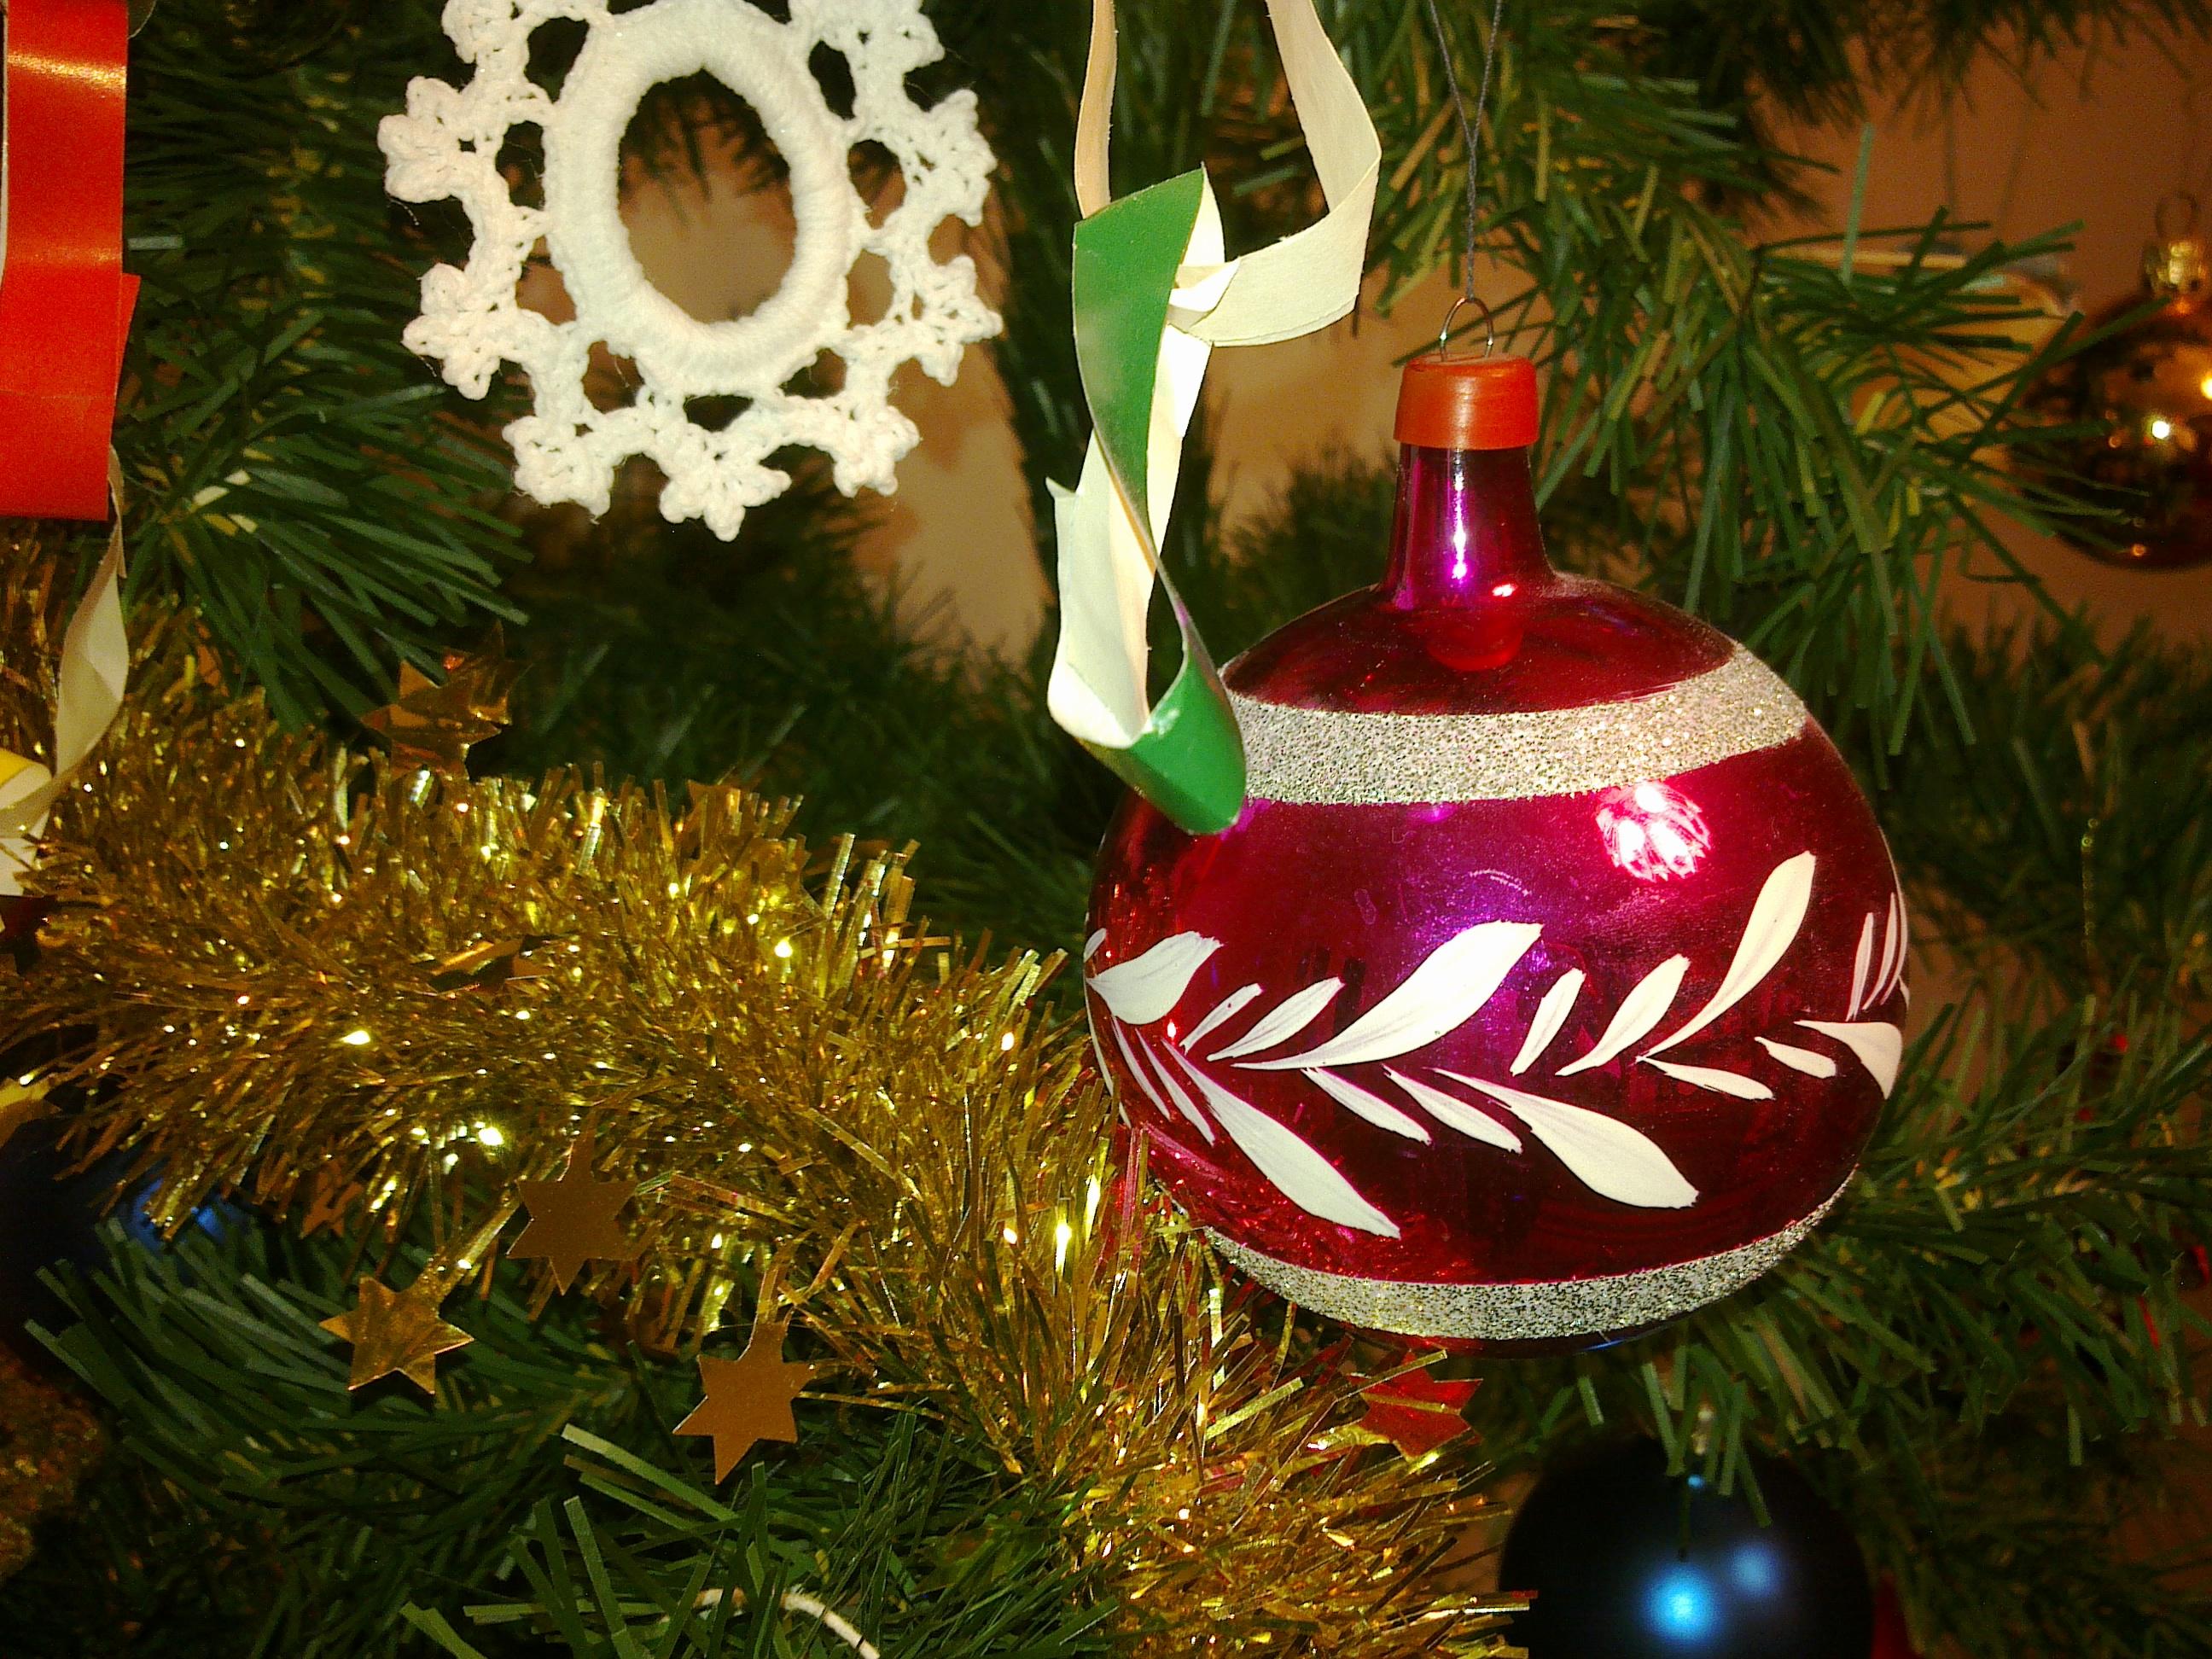 Radosnych, pogodnych świąt i pomyślności w Nowym Roku!